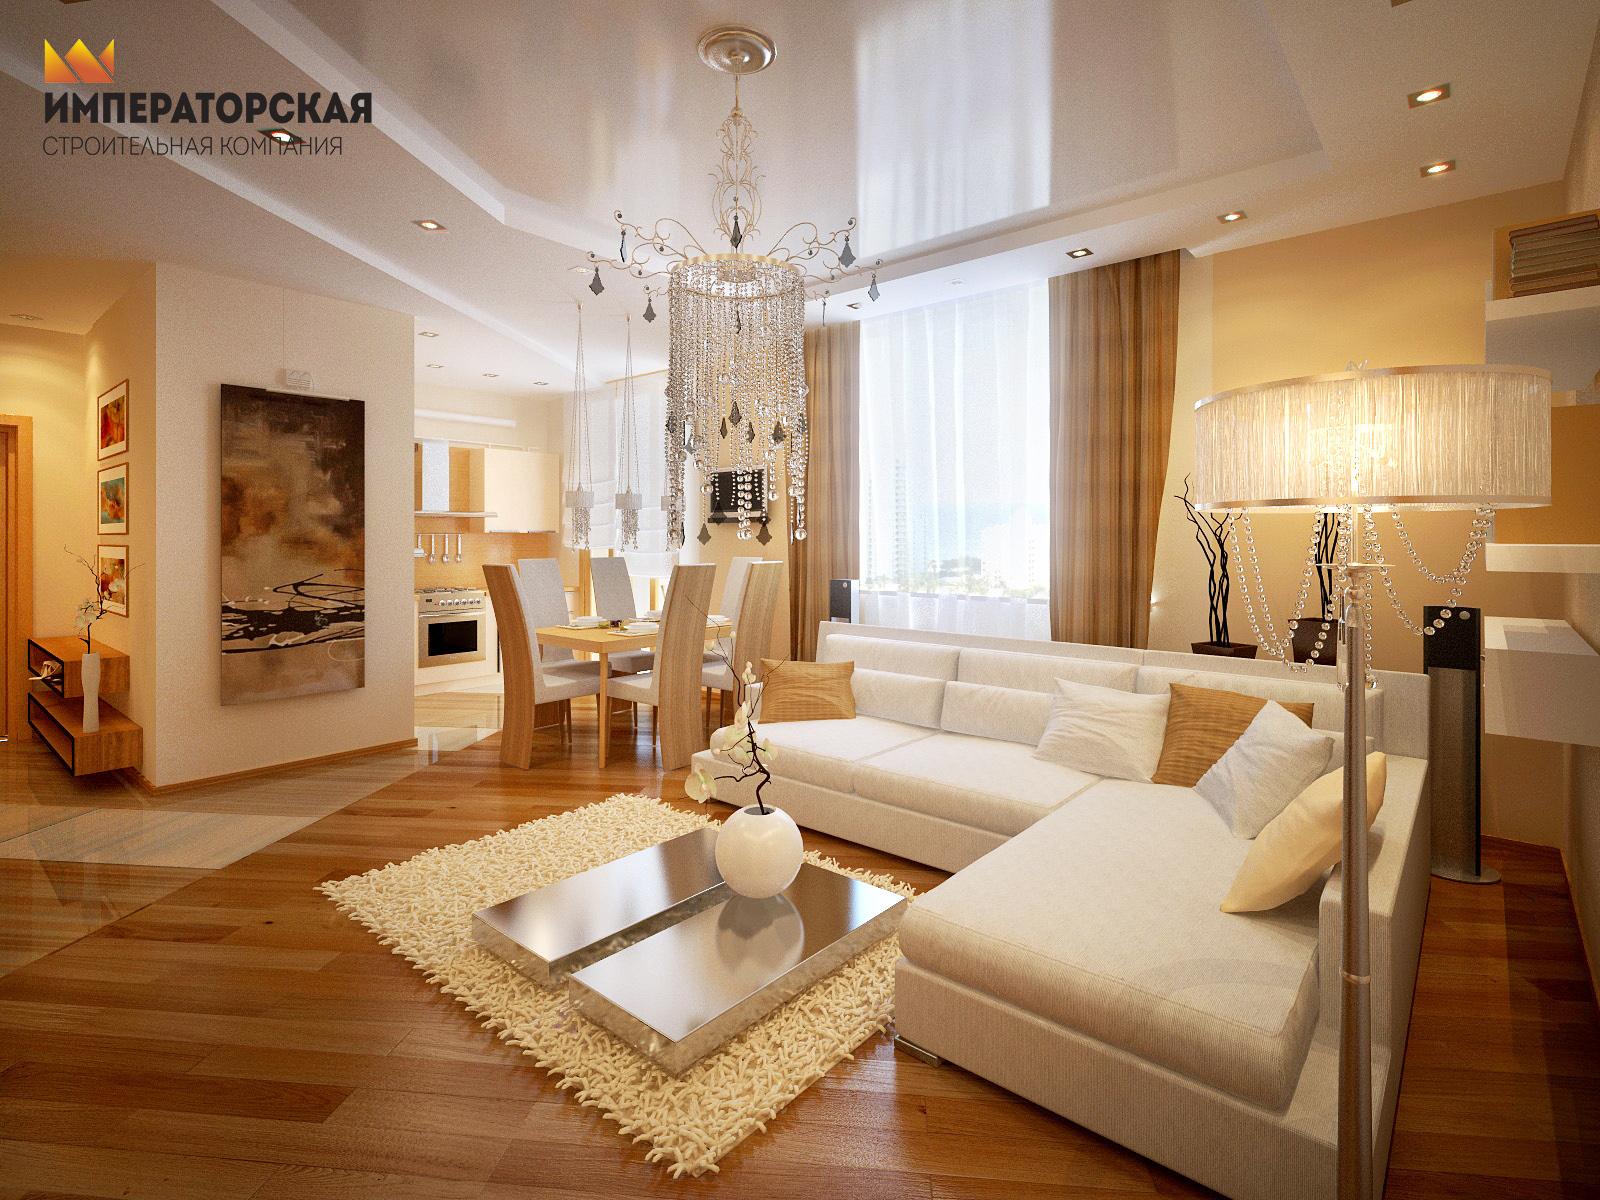 элитный ремонт и дизайн квартир фото #10